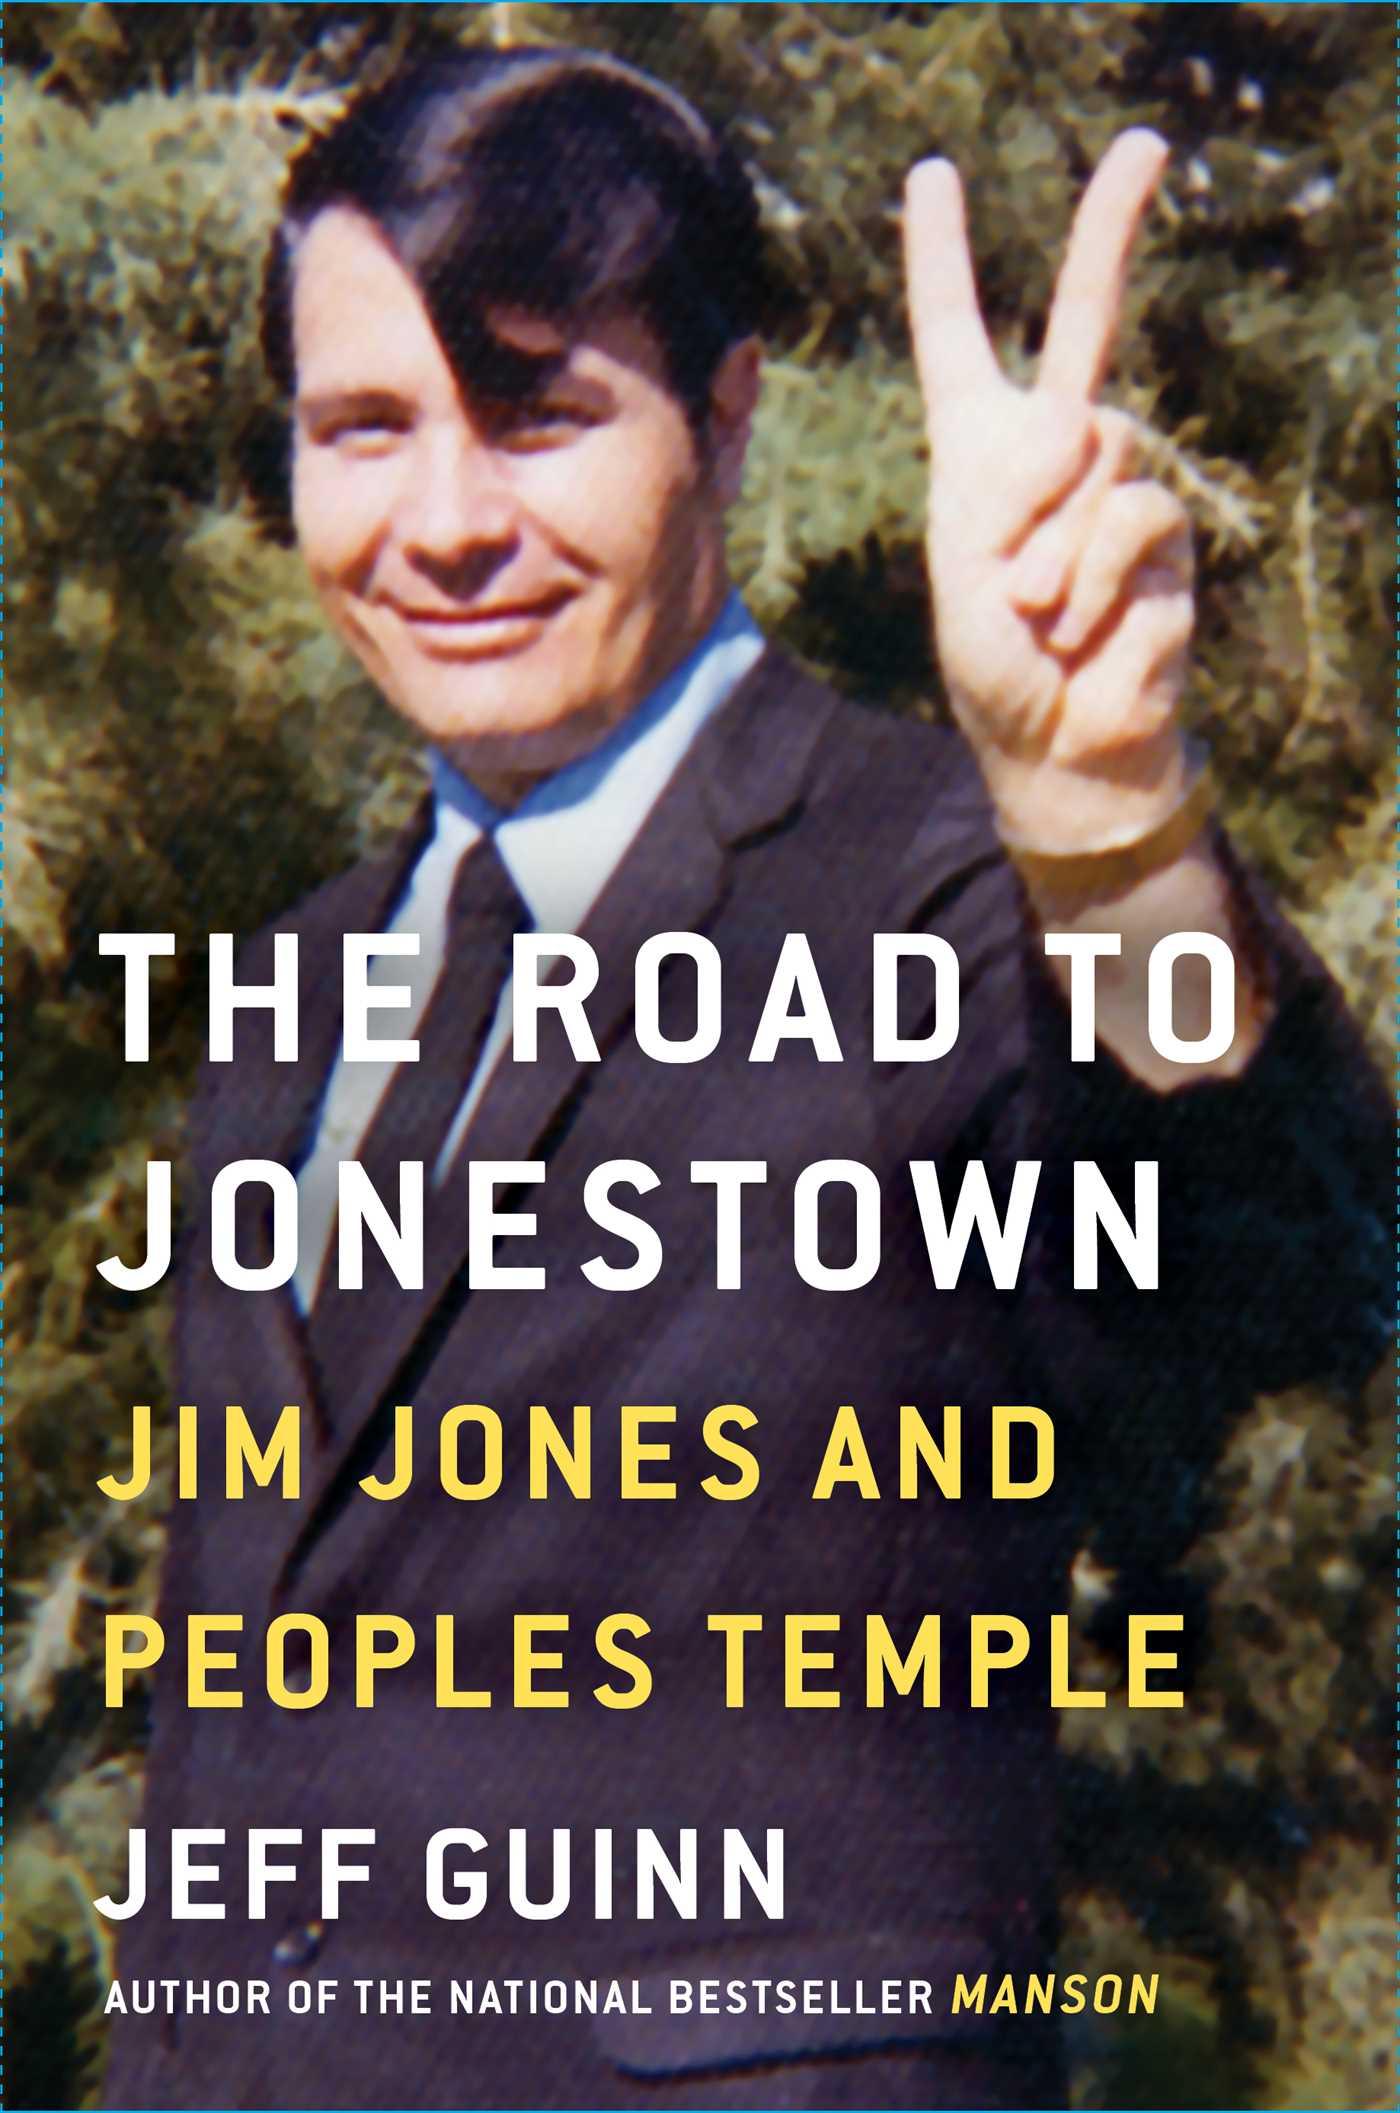 The road to jonestown 9781476763828 hr